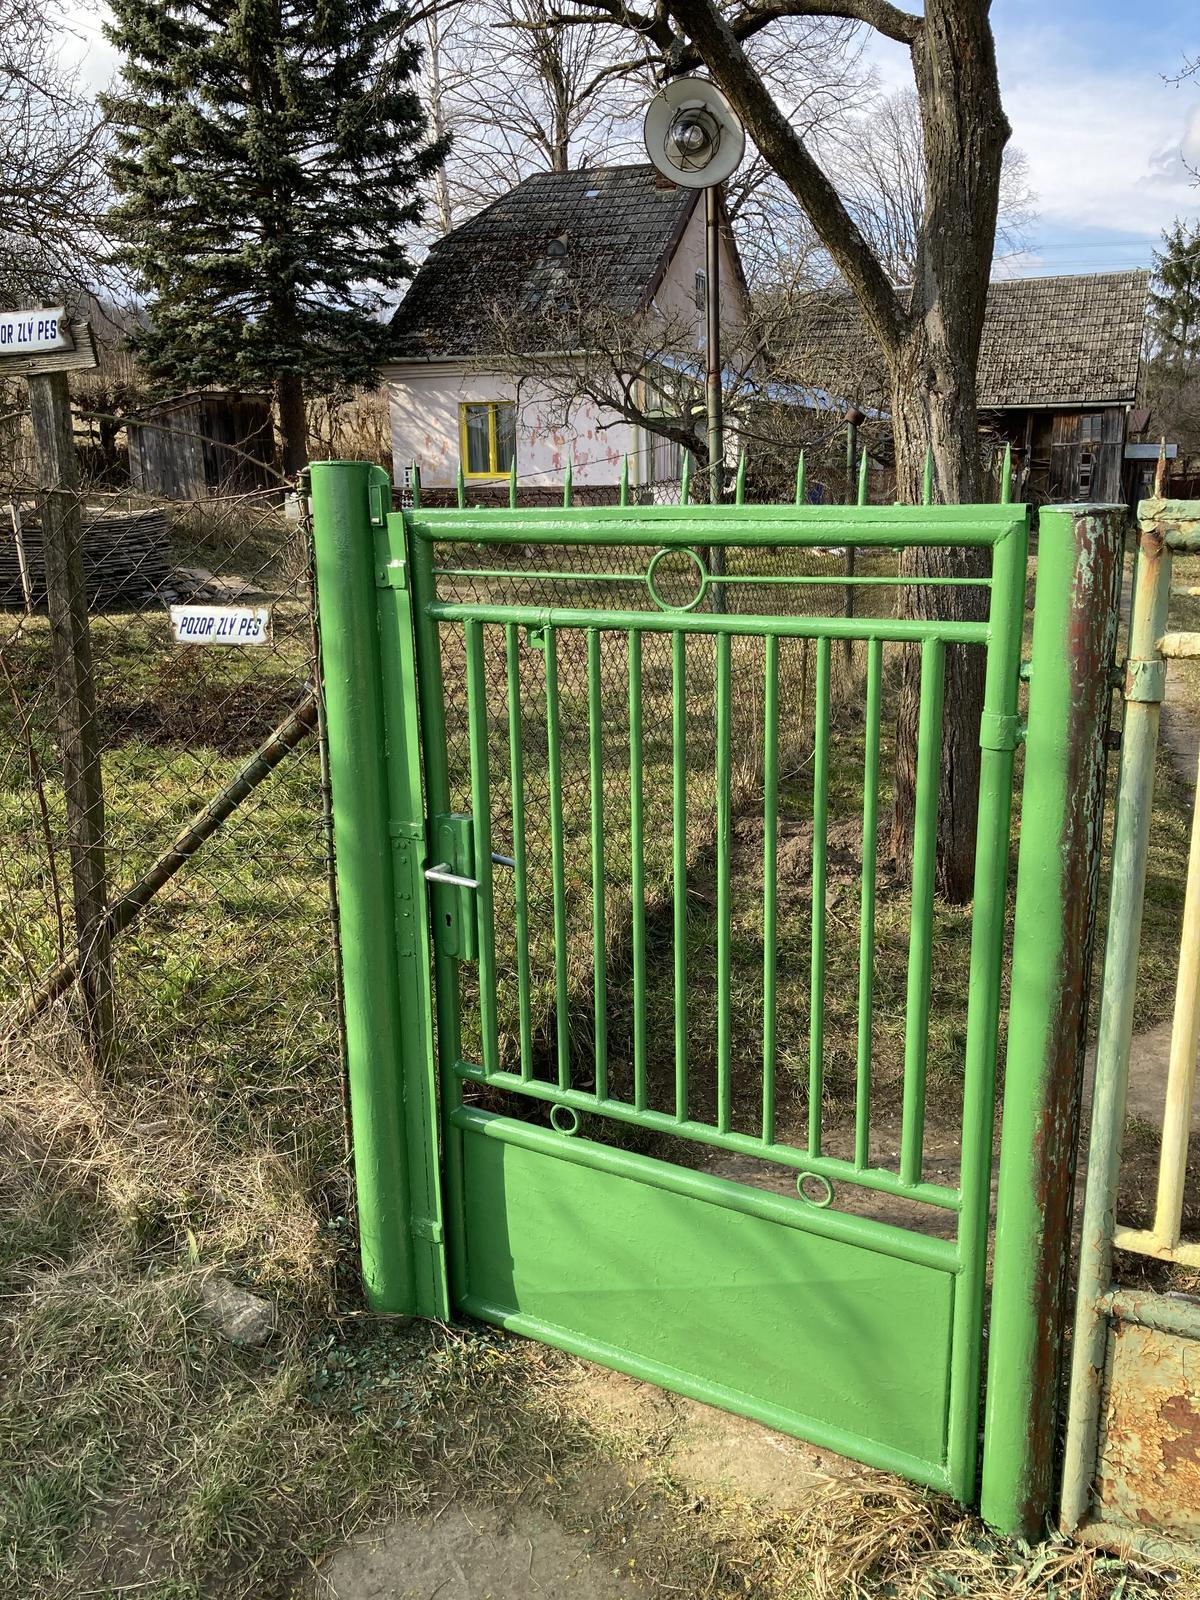 Dom - tá zelená sa tam celkom aj hodí